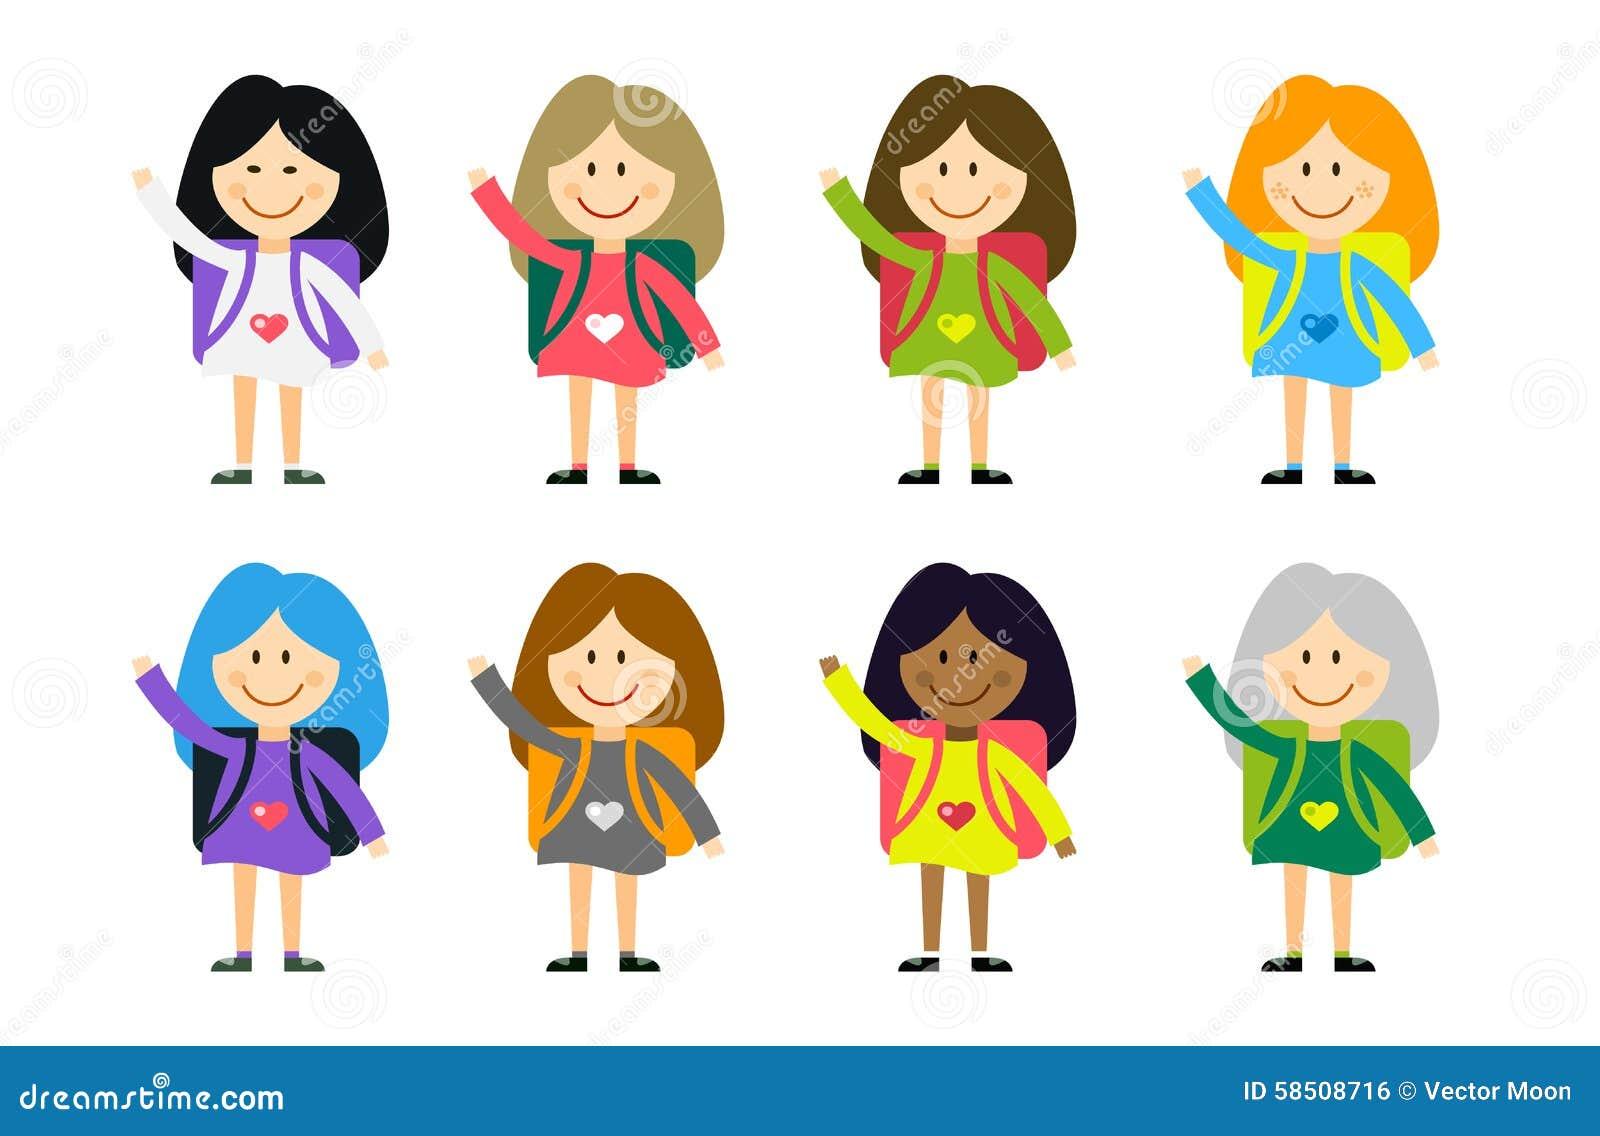 Meninos E Meninas De Nacionalidades Diferentes Childre: Meninas Bonitos Dos Desenhos Animados Do Vetor Dos Países